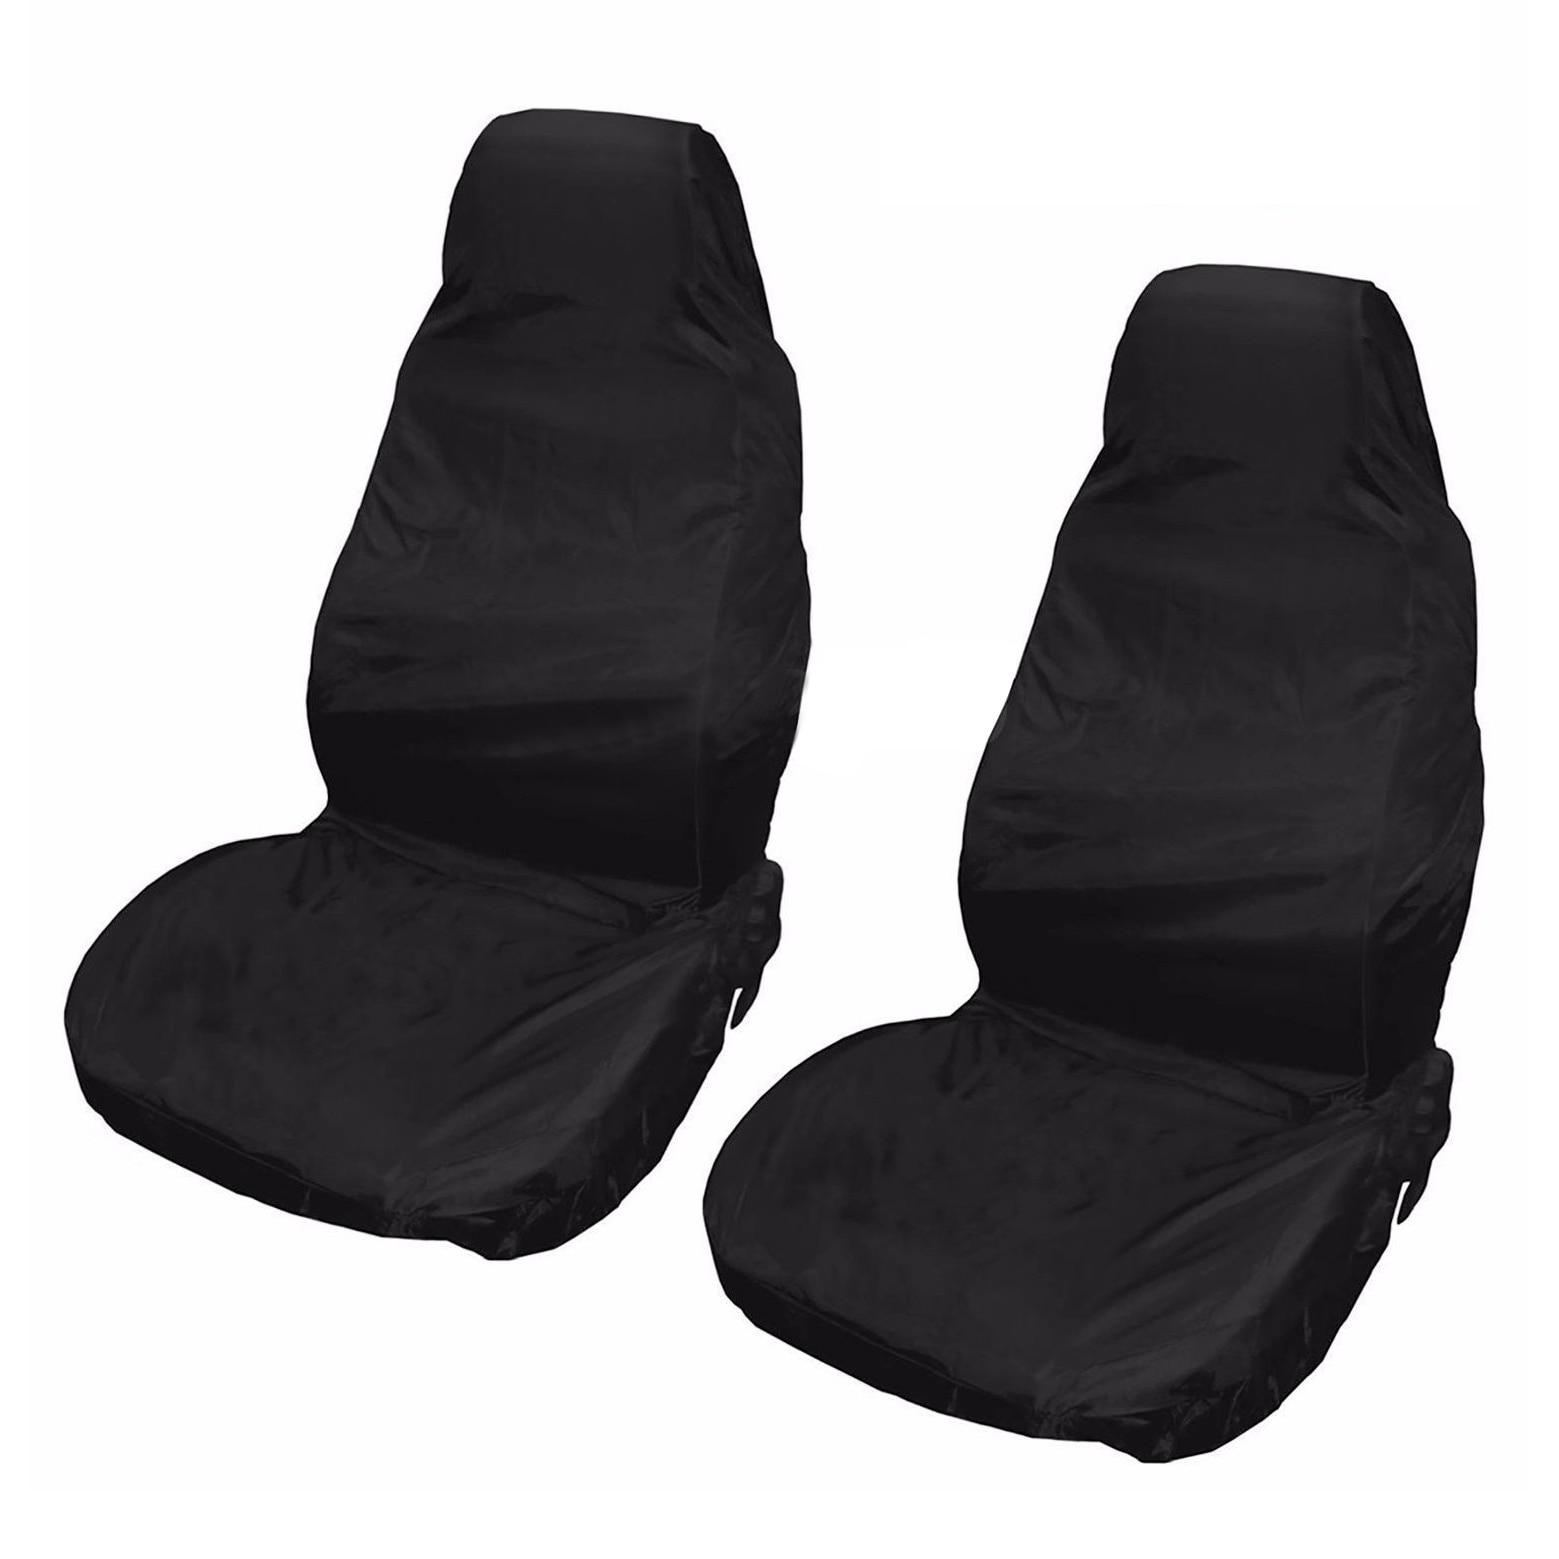 Renault Van Truck Car Seat Cover Waterproof Nylon Full Set Protectors Black